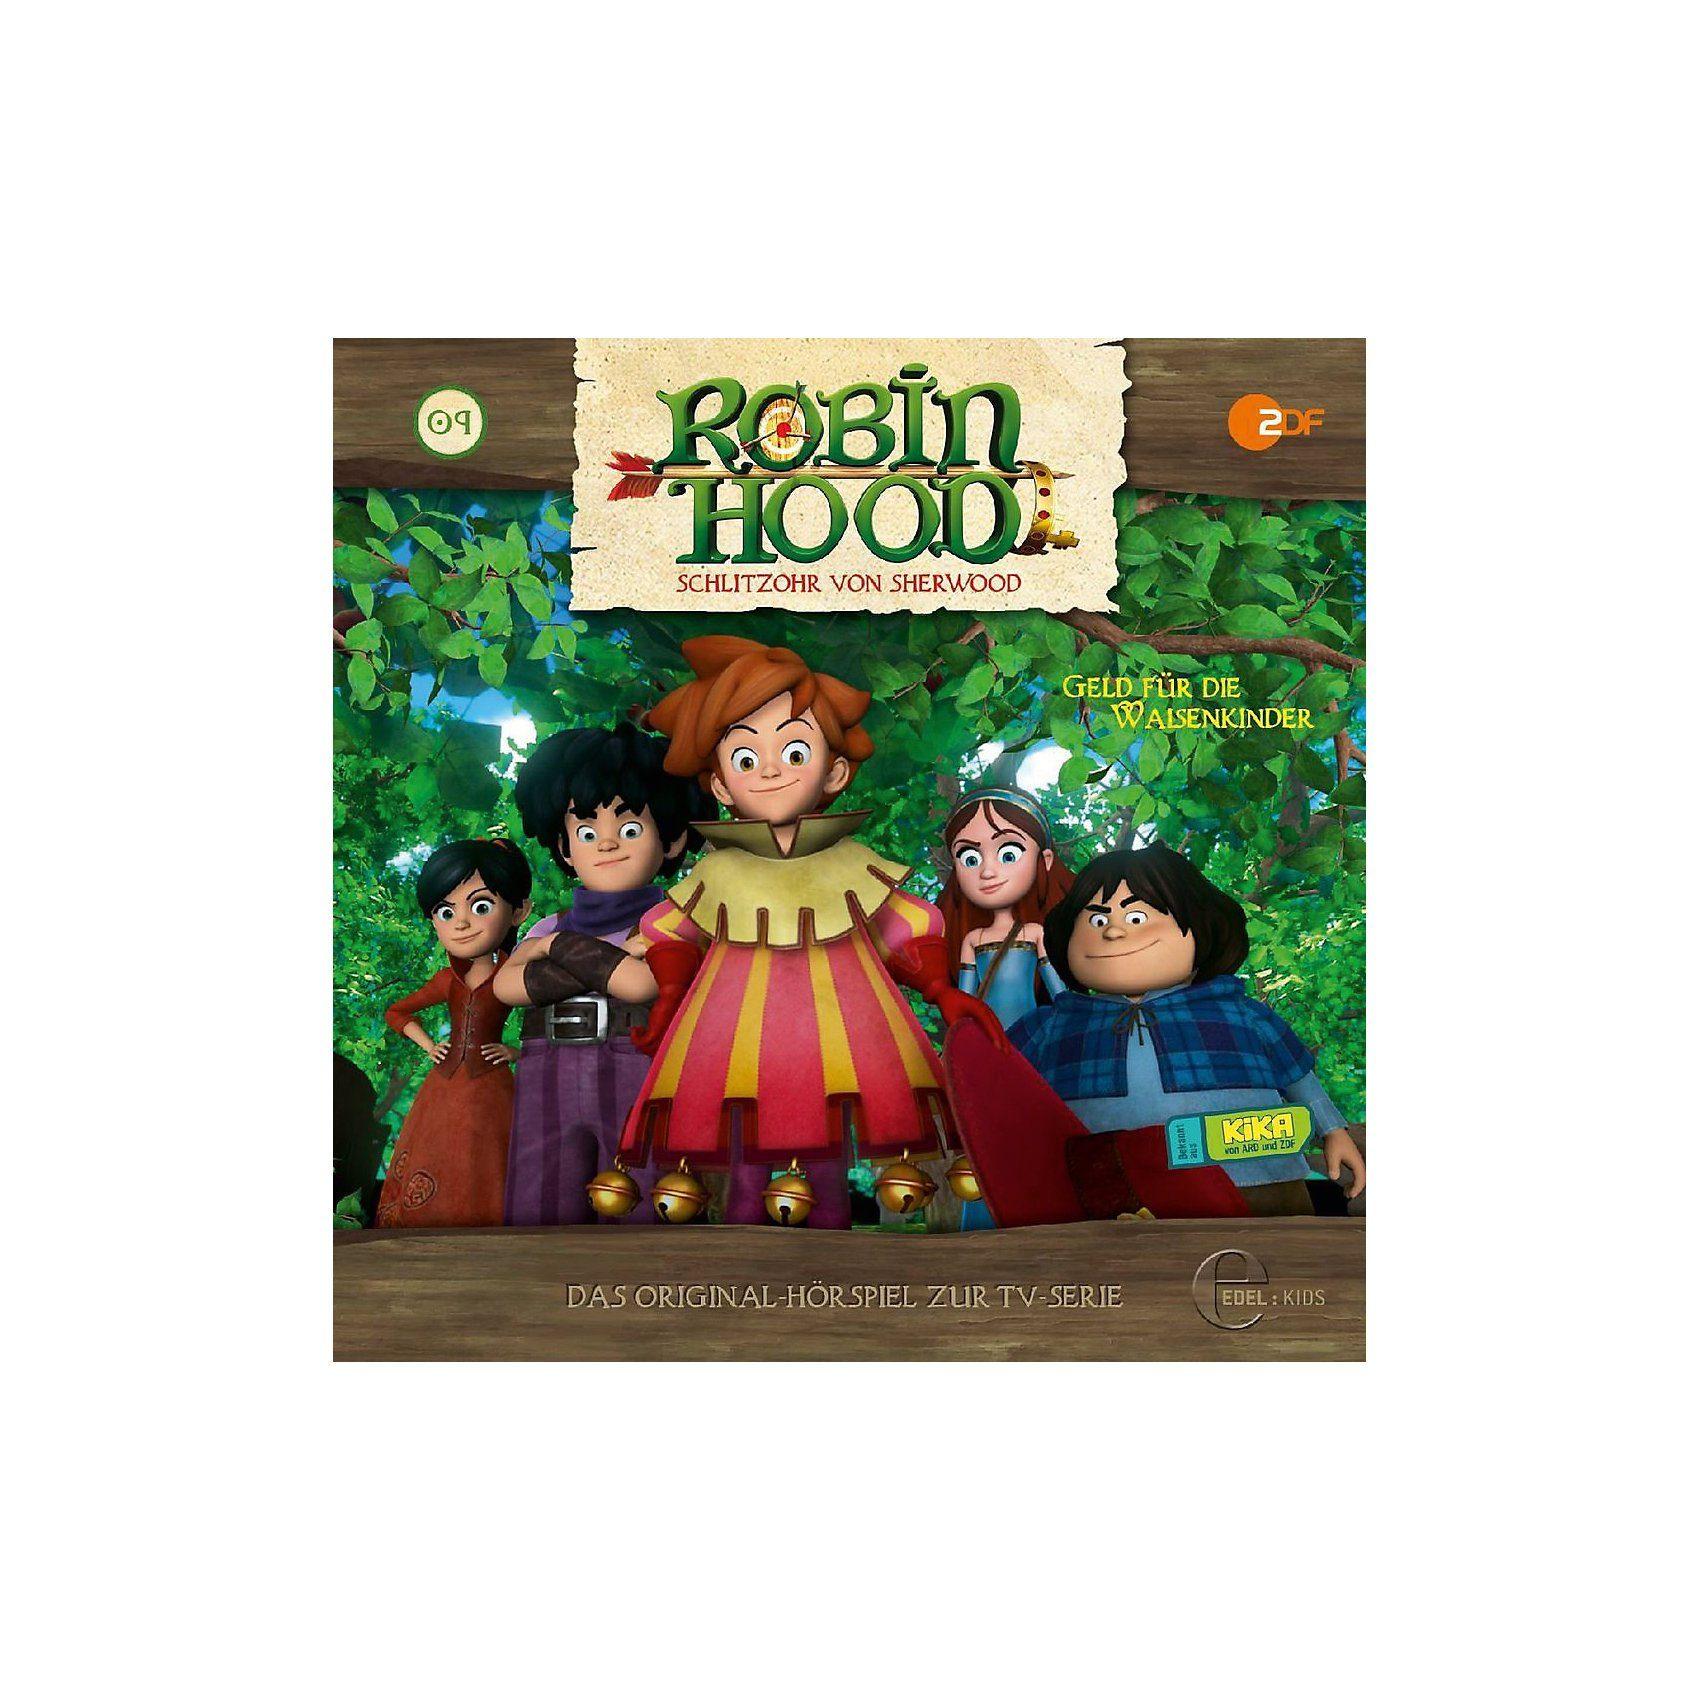 Edel CD Robin Hood - Schlitzohr von Sherwood 9